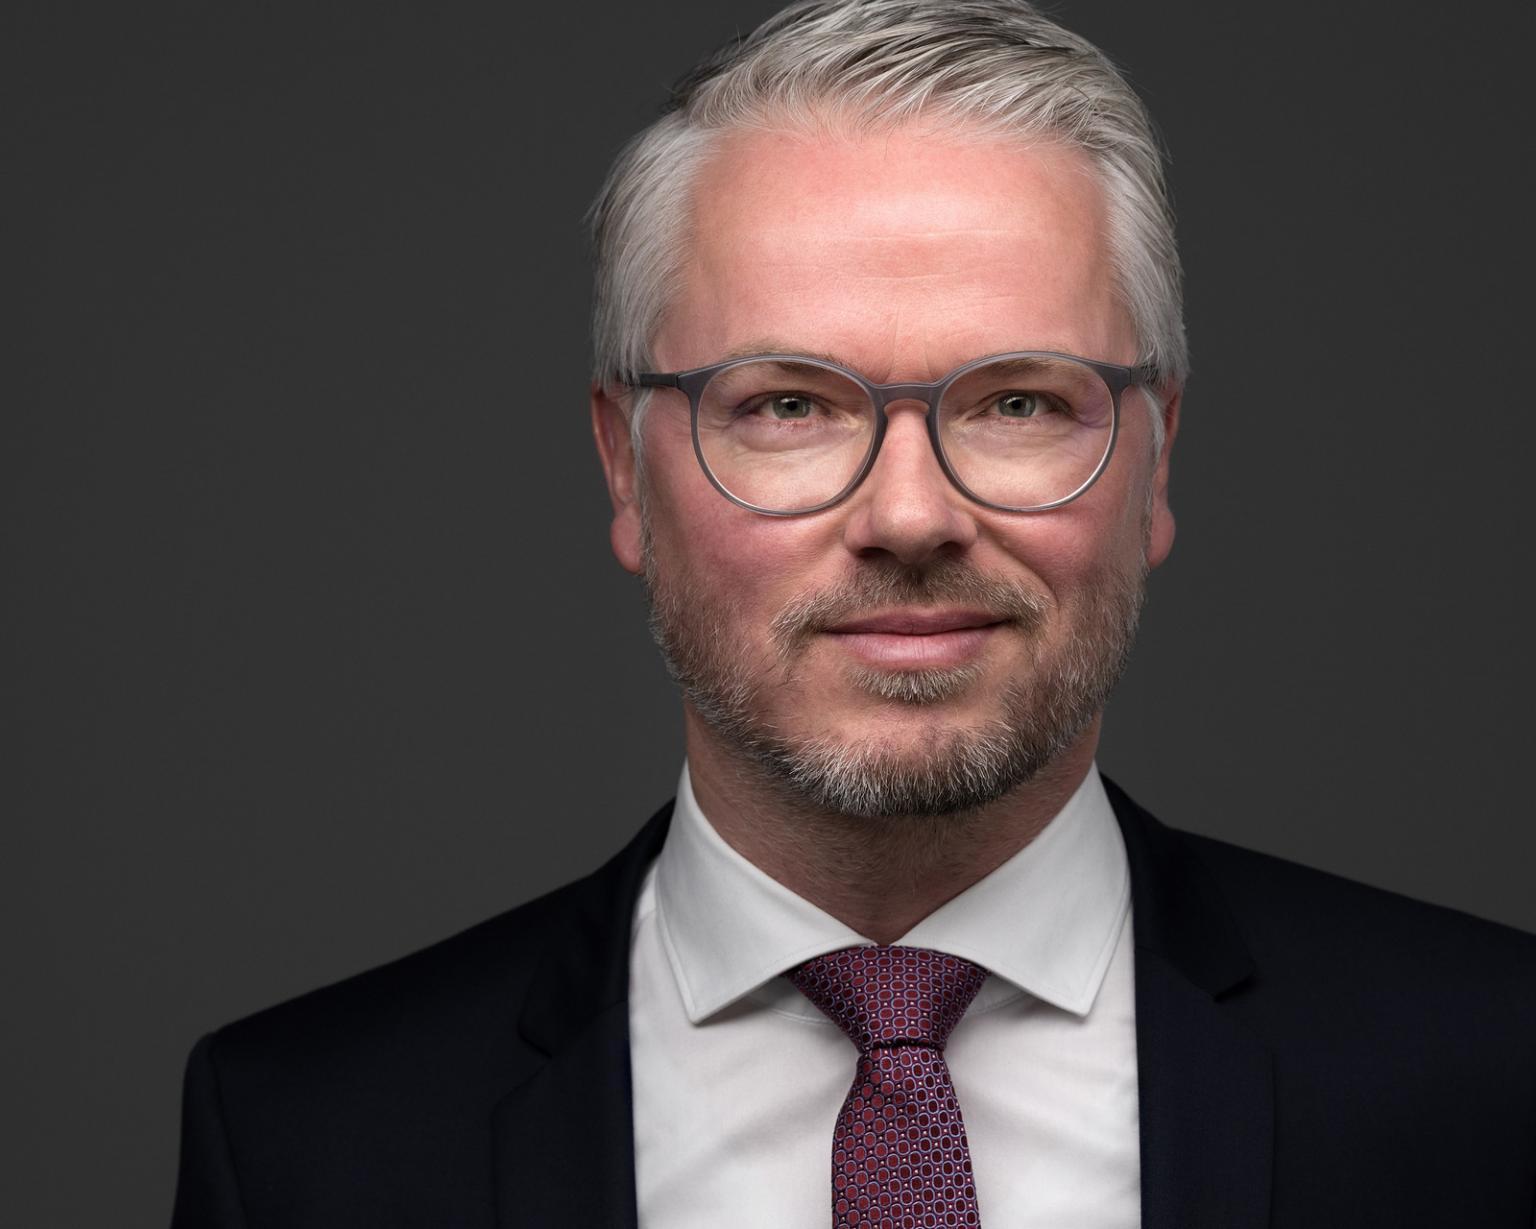 Bewerbungsfoto Ja oder Nein | Carsten Plückhahn | Experte